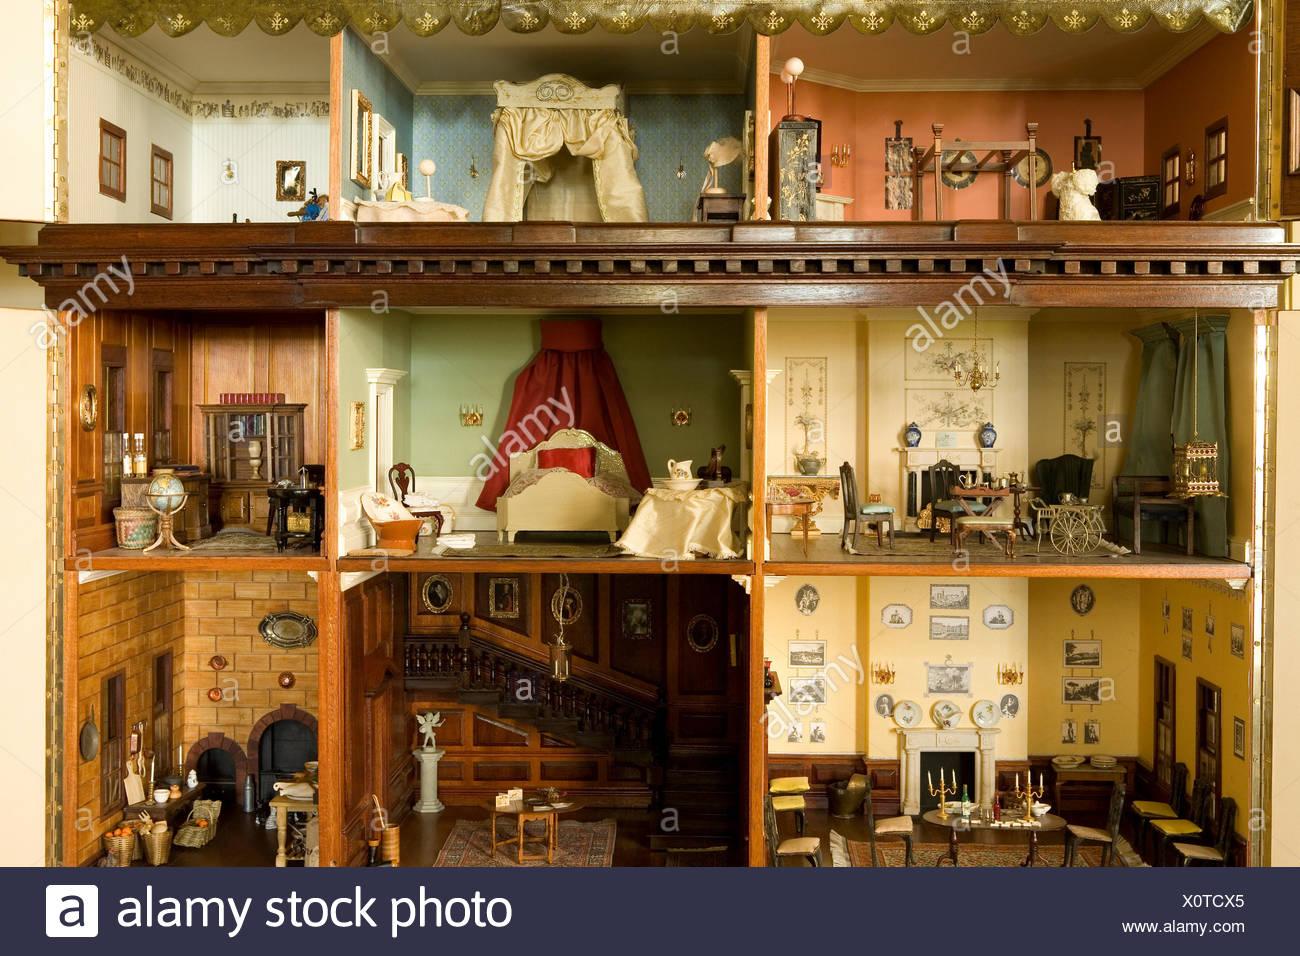 nahaufnahme des innenministeriums ein viktorianisches puppenhaus stockfoto bild 275902877 alamy. Black Bedroom Furniture Sets. Home Design Ideas